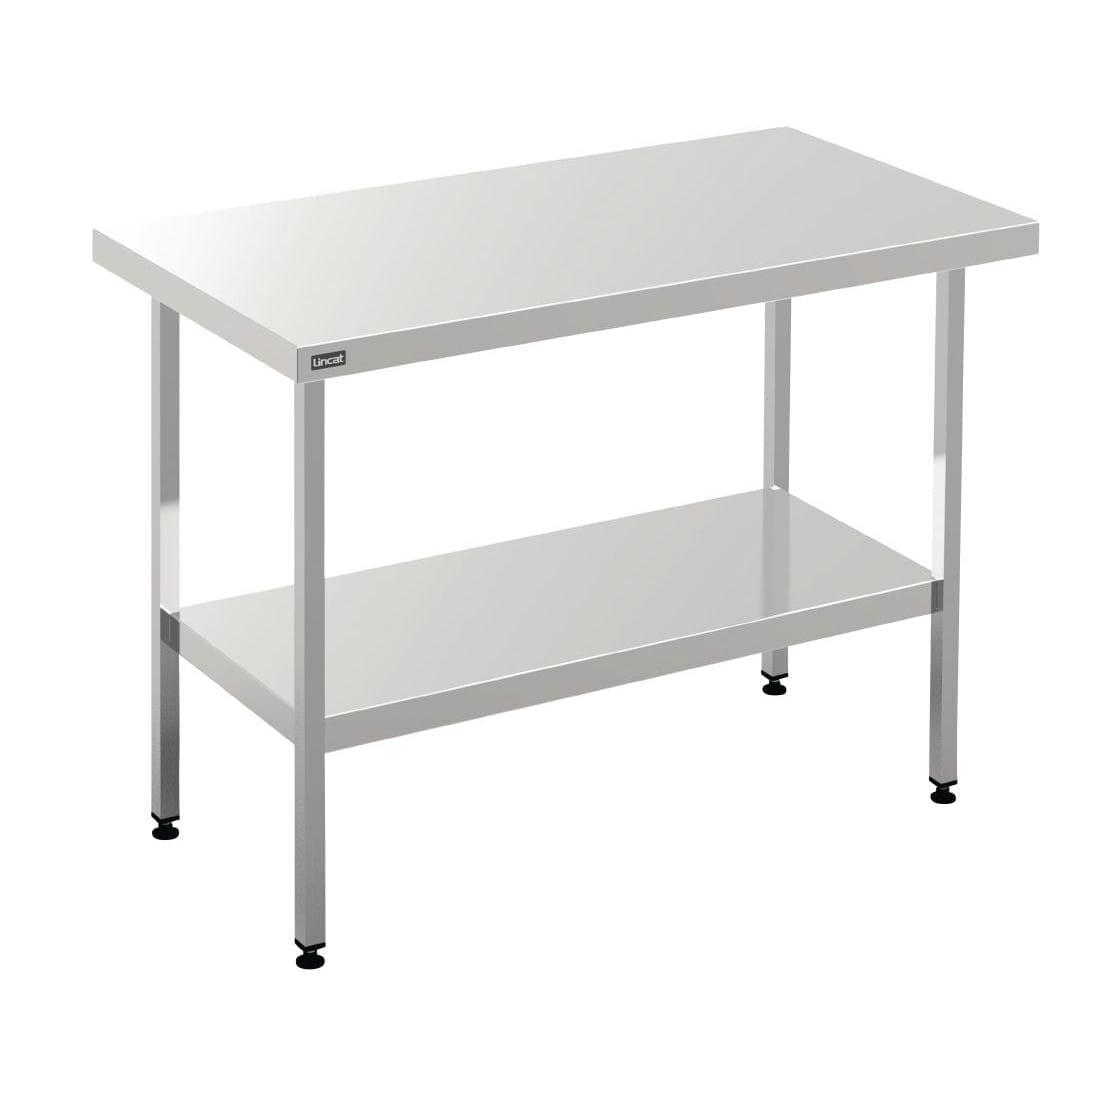 Lincat Centre Table - Width 1200mm (Direct)-0